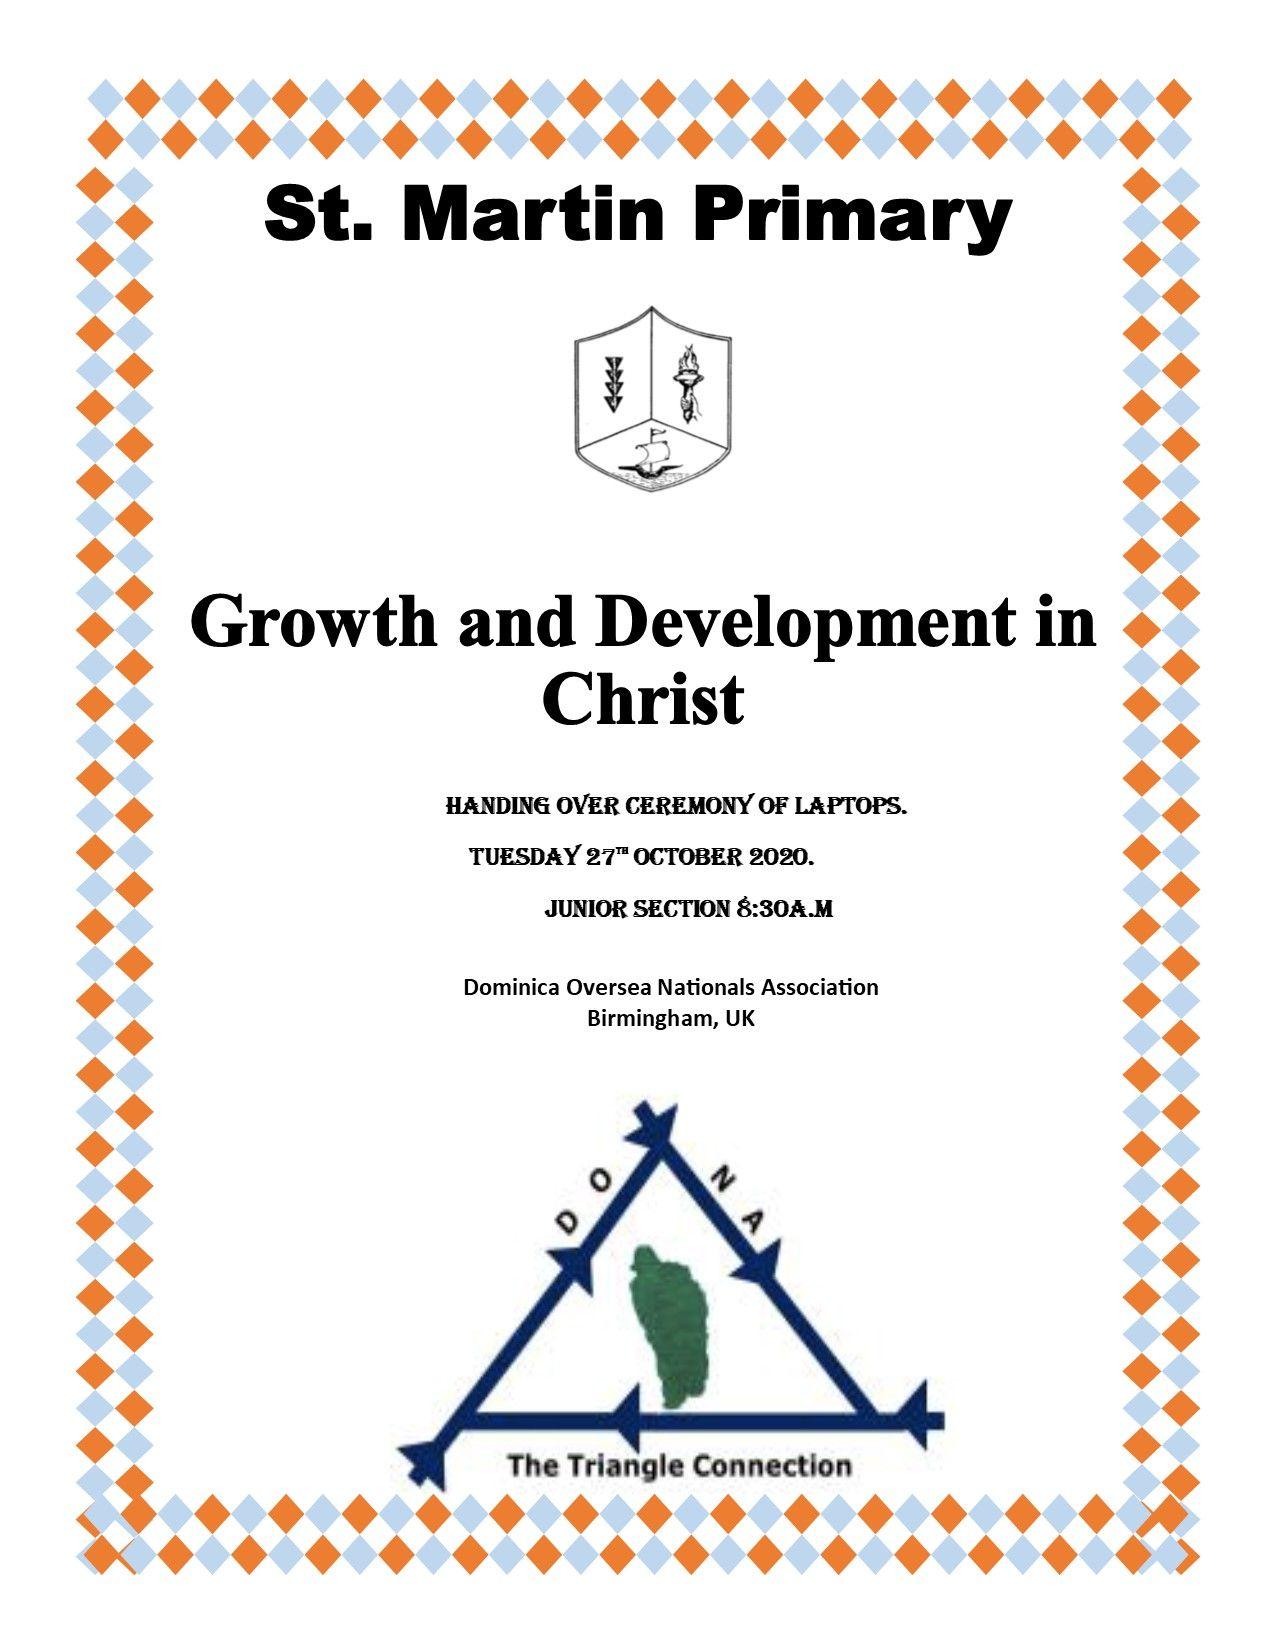 St Martin Primary School Laptop Handing Over Ceremony, 27 October 2020